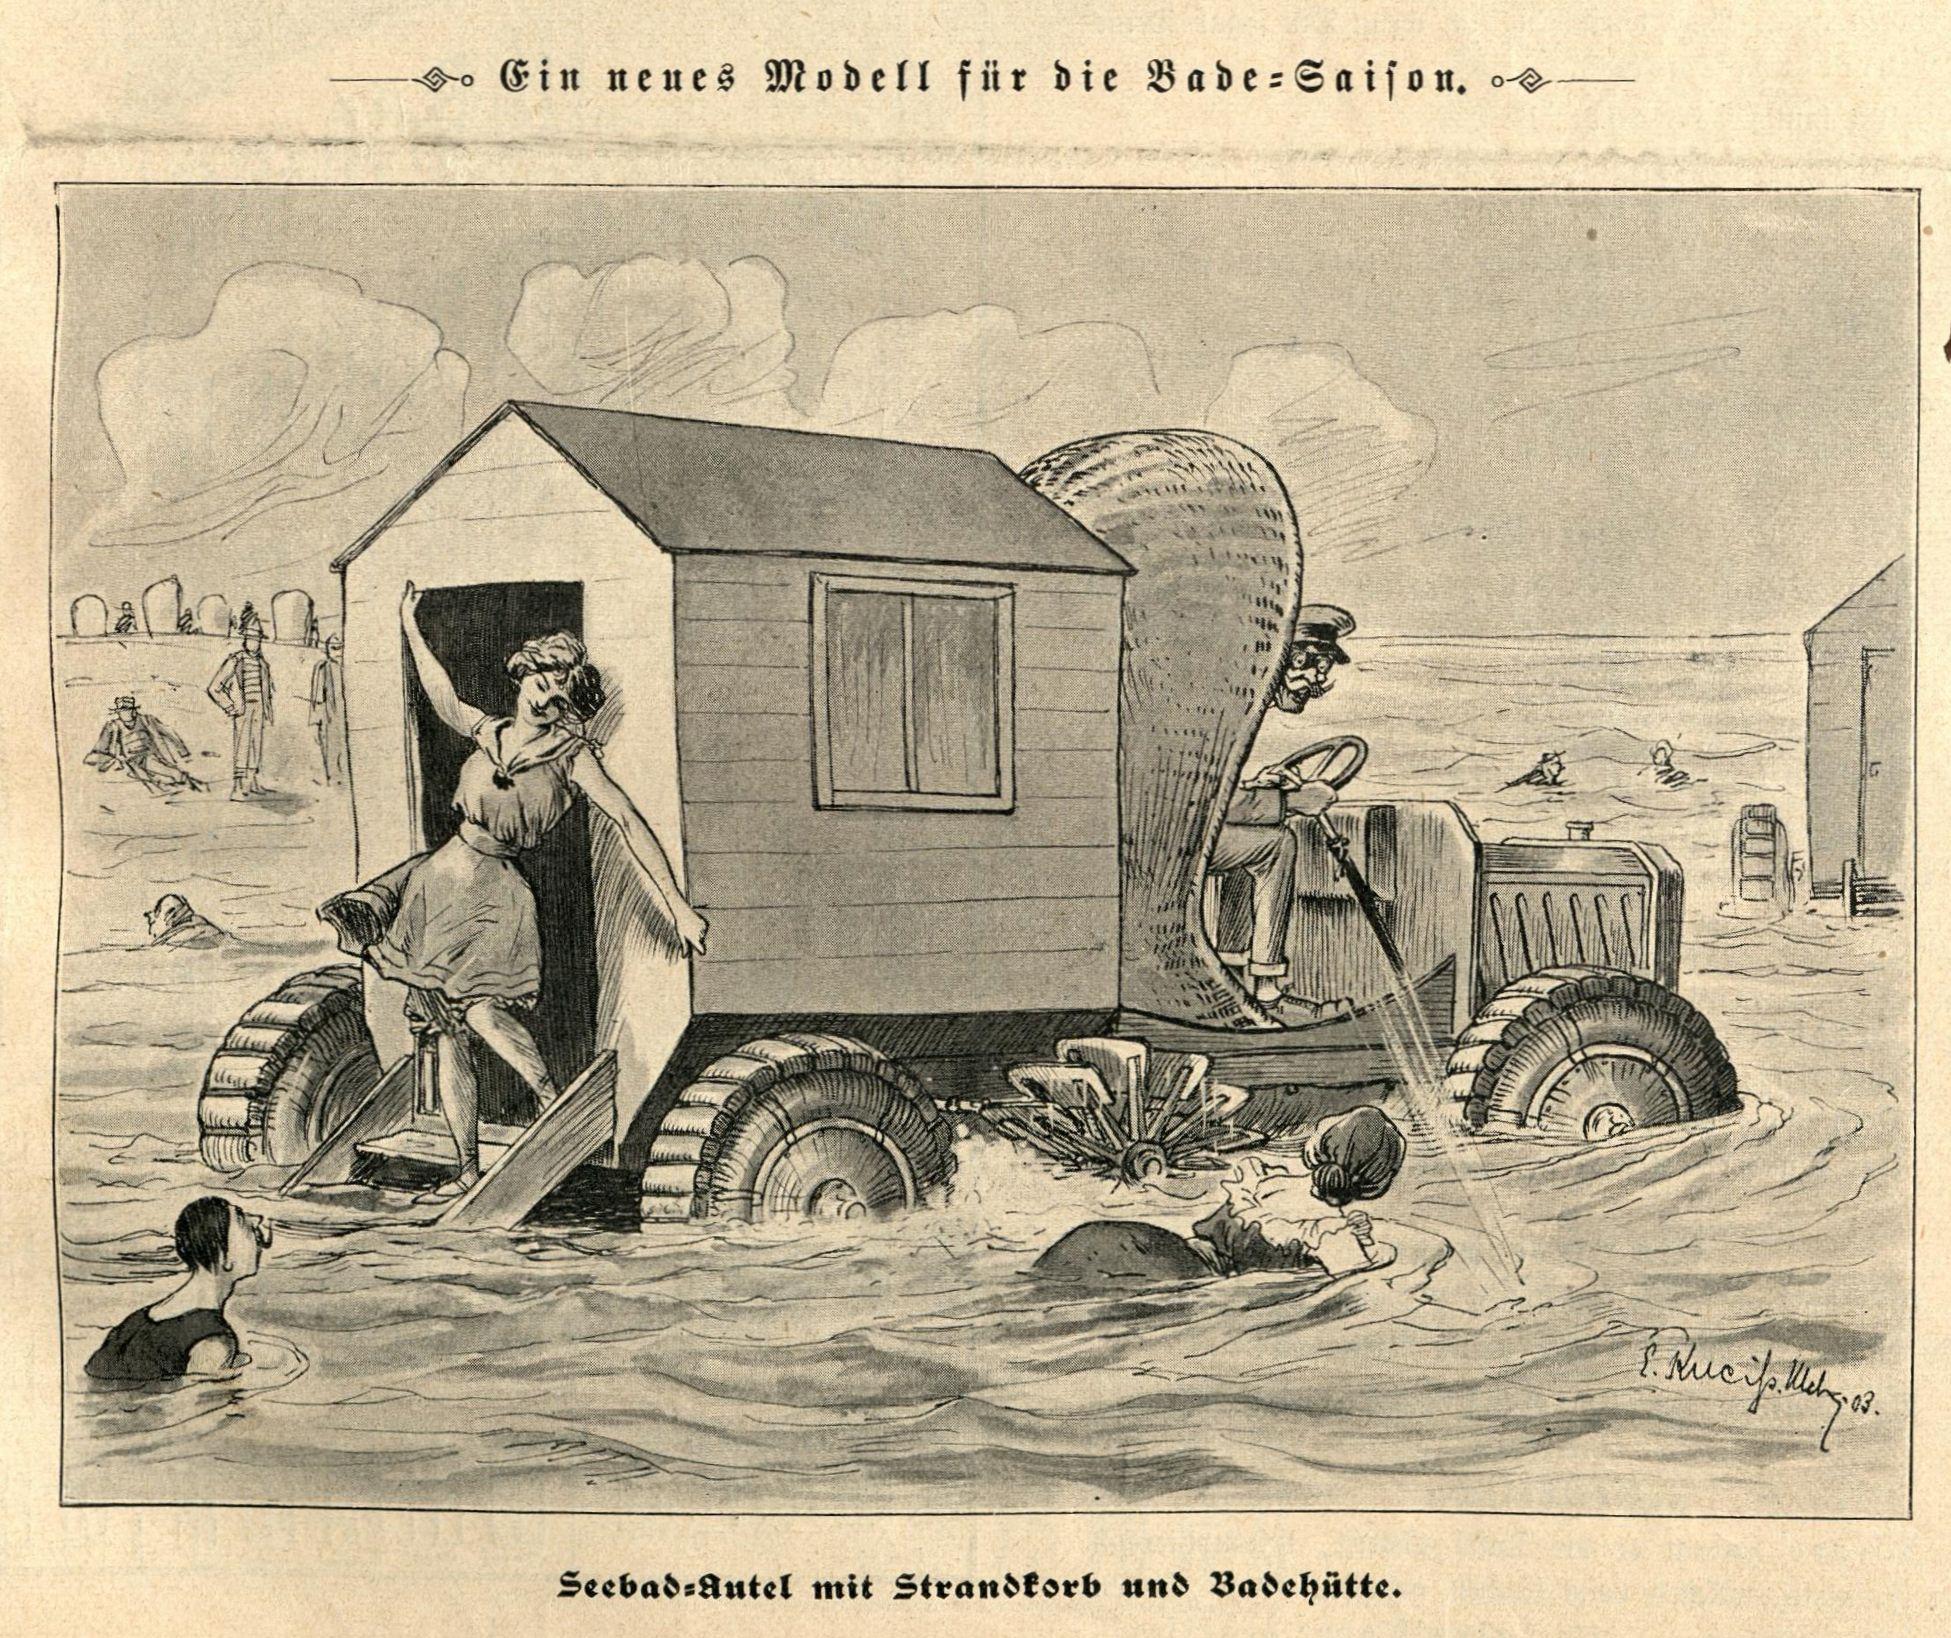 Bild: Seebad-Autel mit Strandkorb und Badehütte